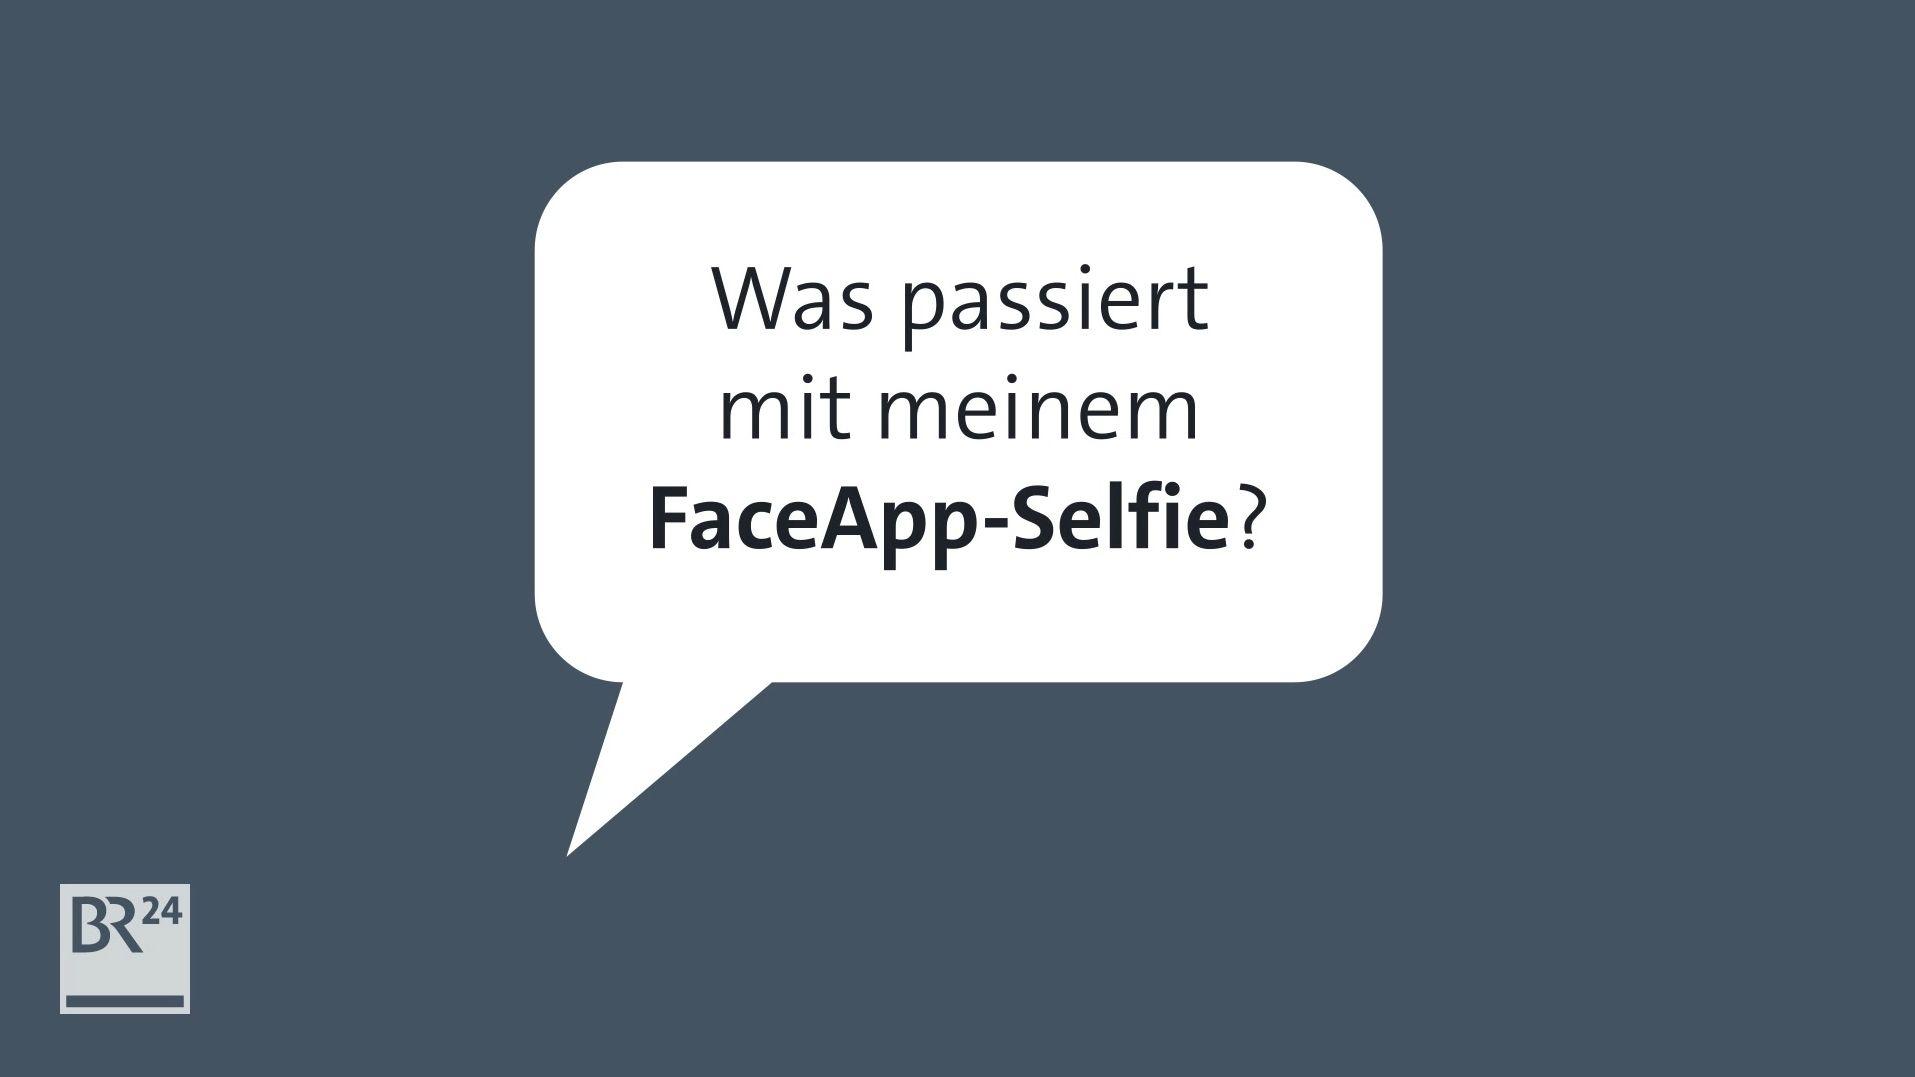 Was passiert mit meinem FaceApp-Selfie?